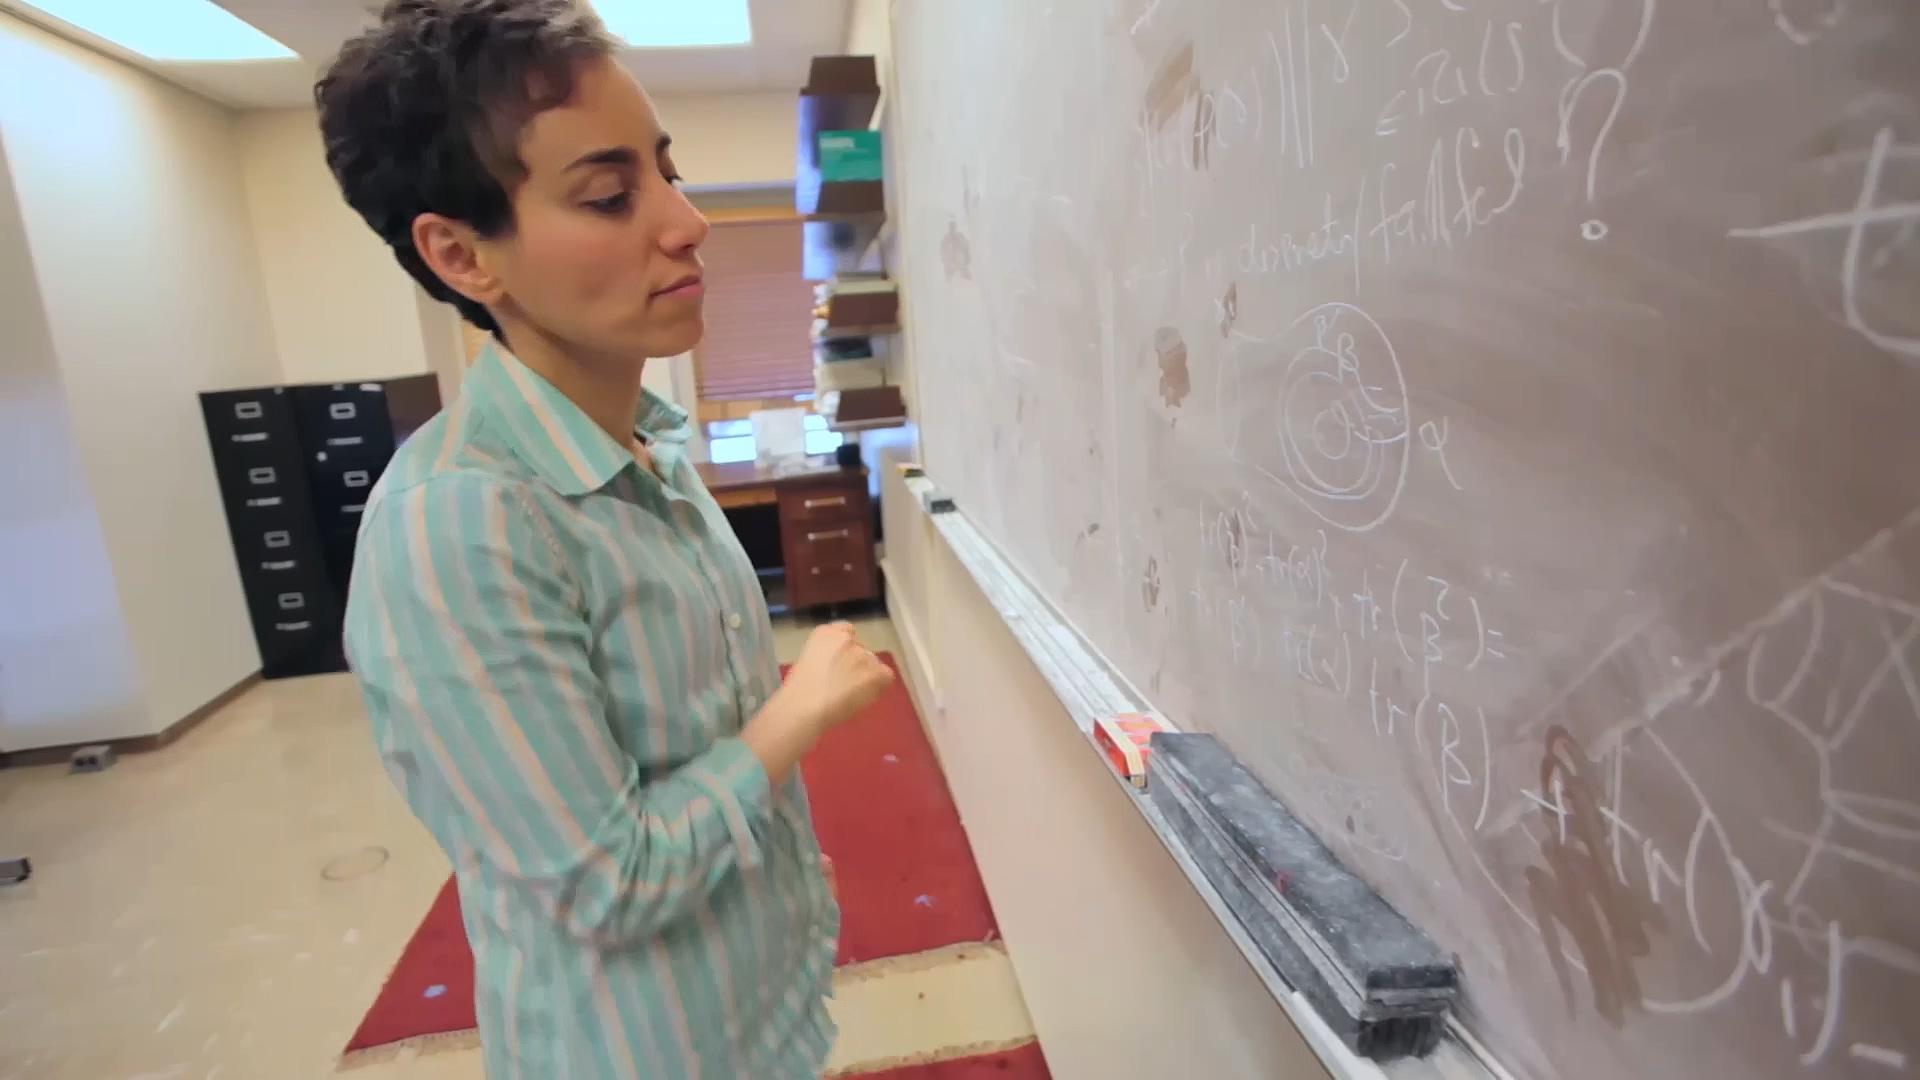 ریاضی به مثابه هنر / «رموز سطح: دیدگاه ریاضیات مریم میرزاخانی»، مستندی که هر ایرانی باید ببیند!